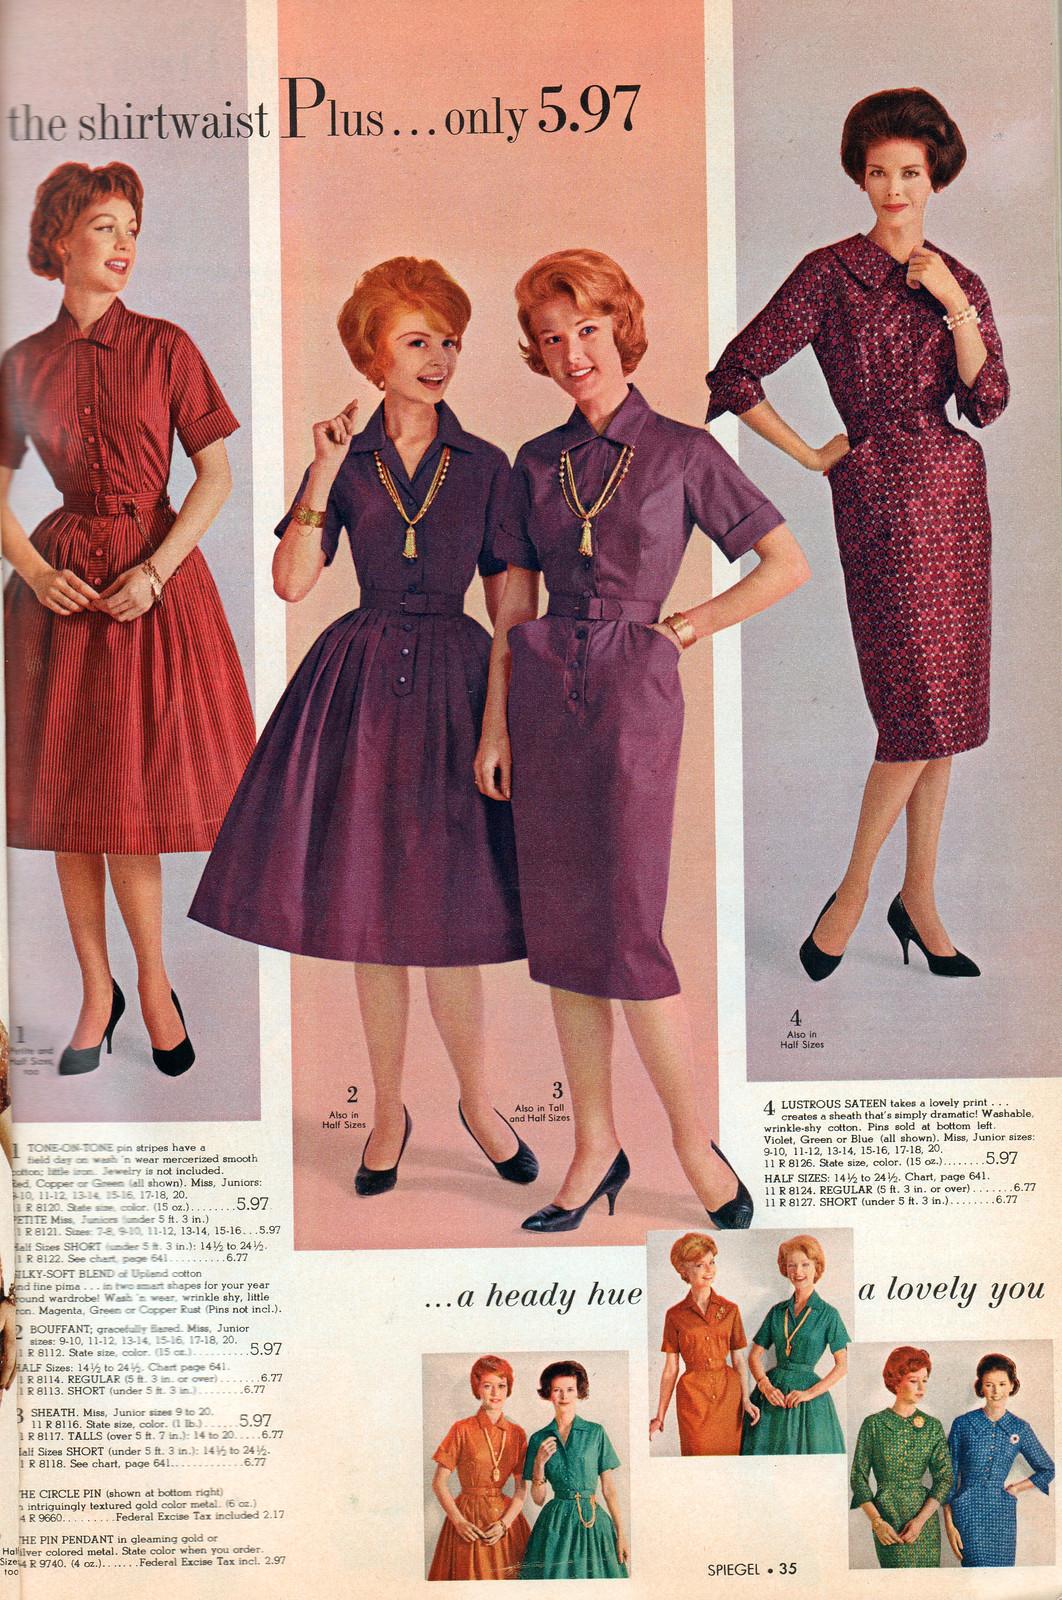 Spiegel Fall Fashions